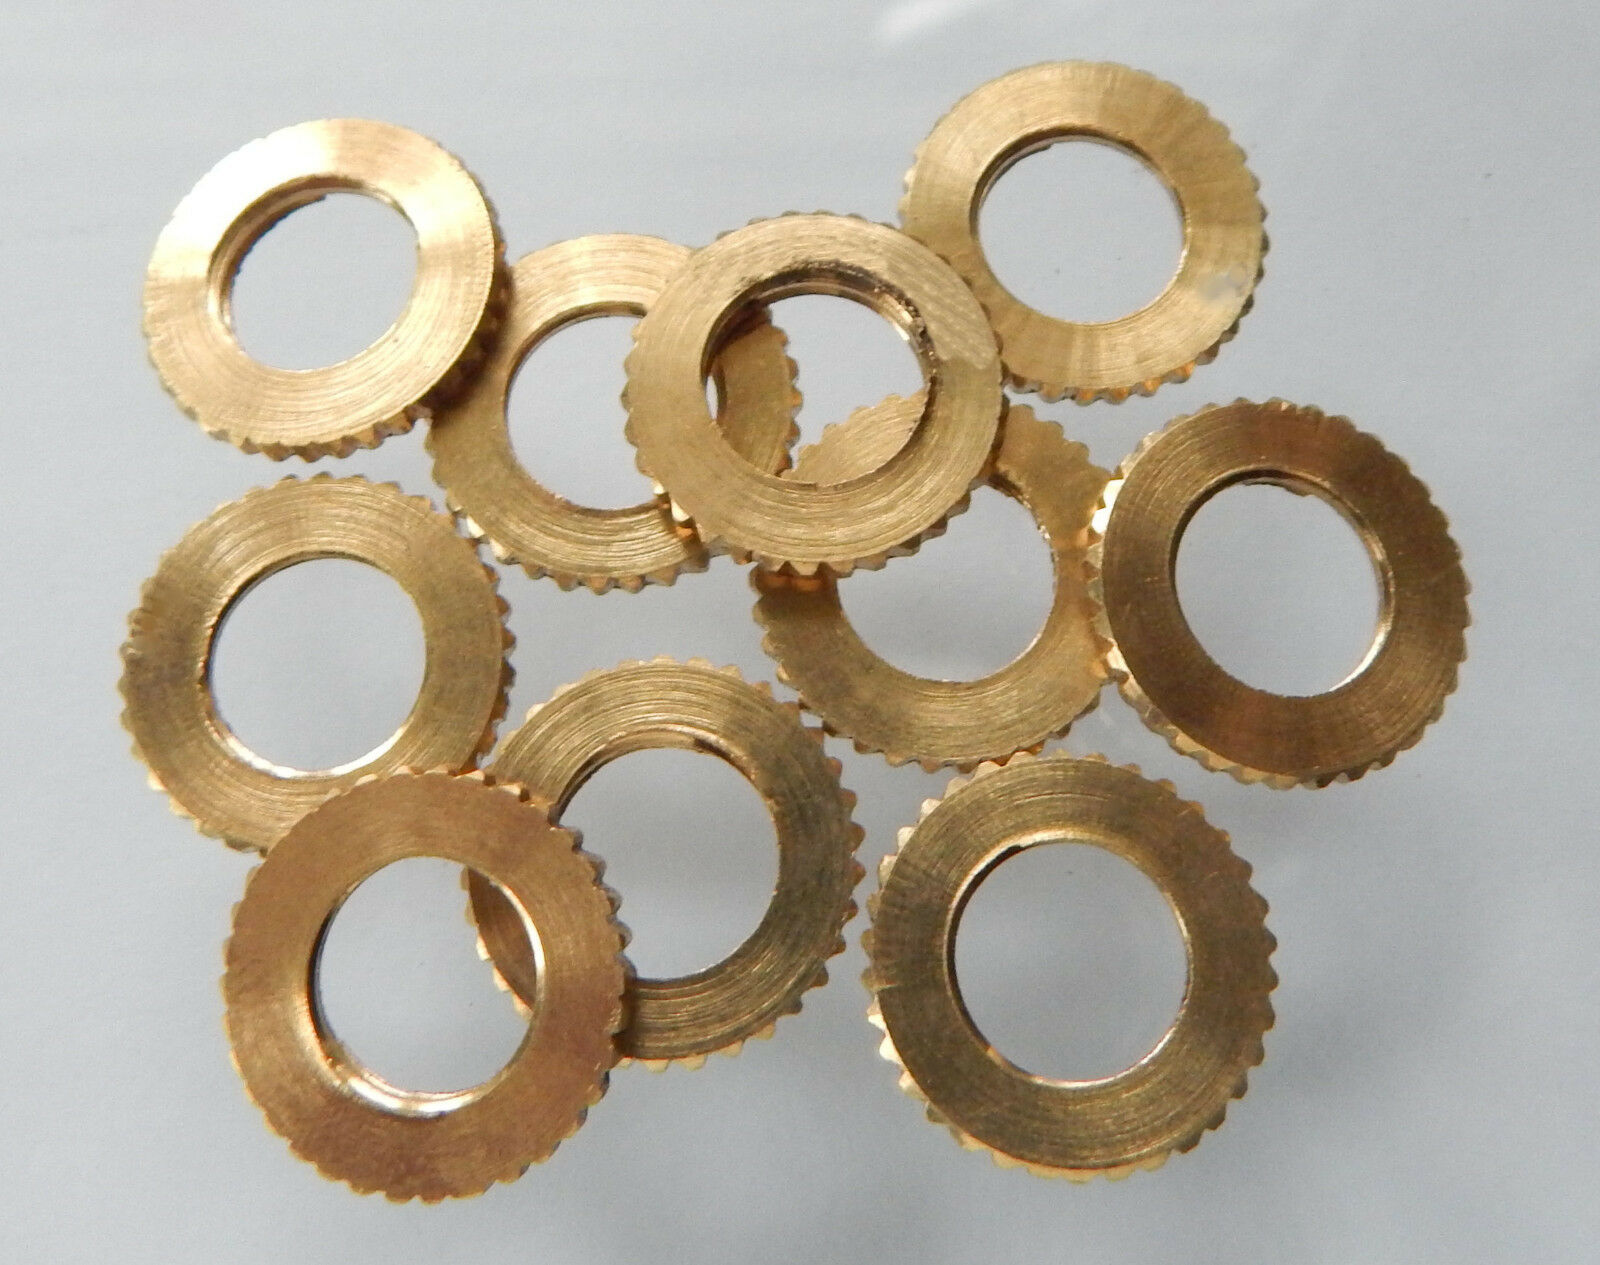 10 Stück Kontermuttern Lock Washer  BSF Gewinde